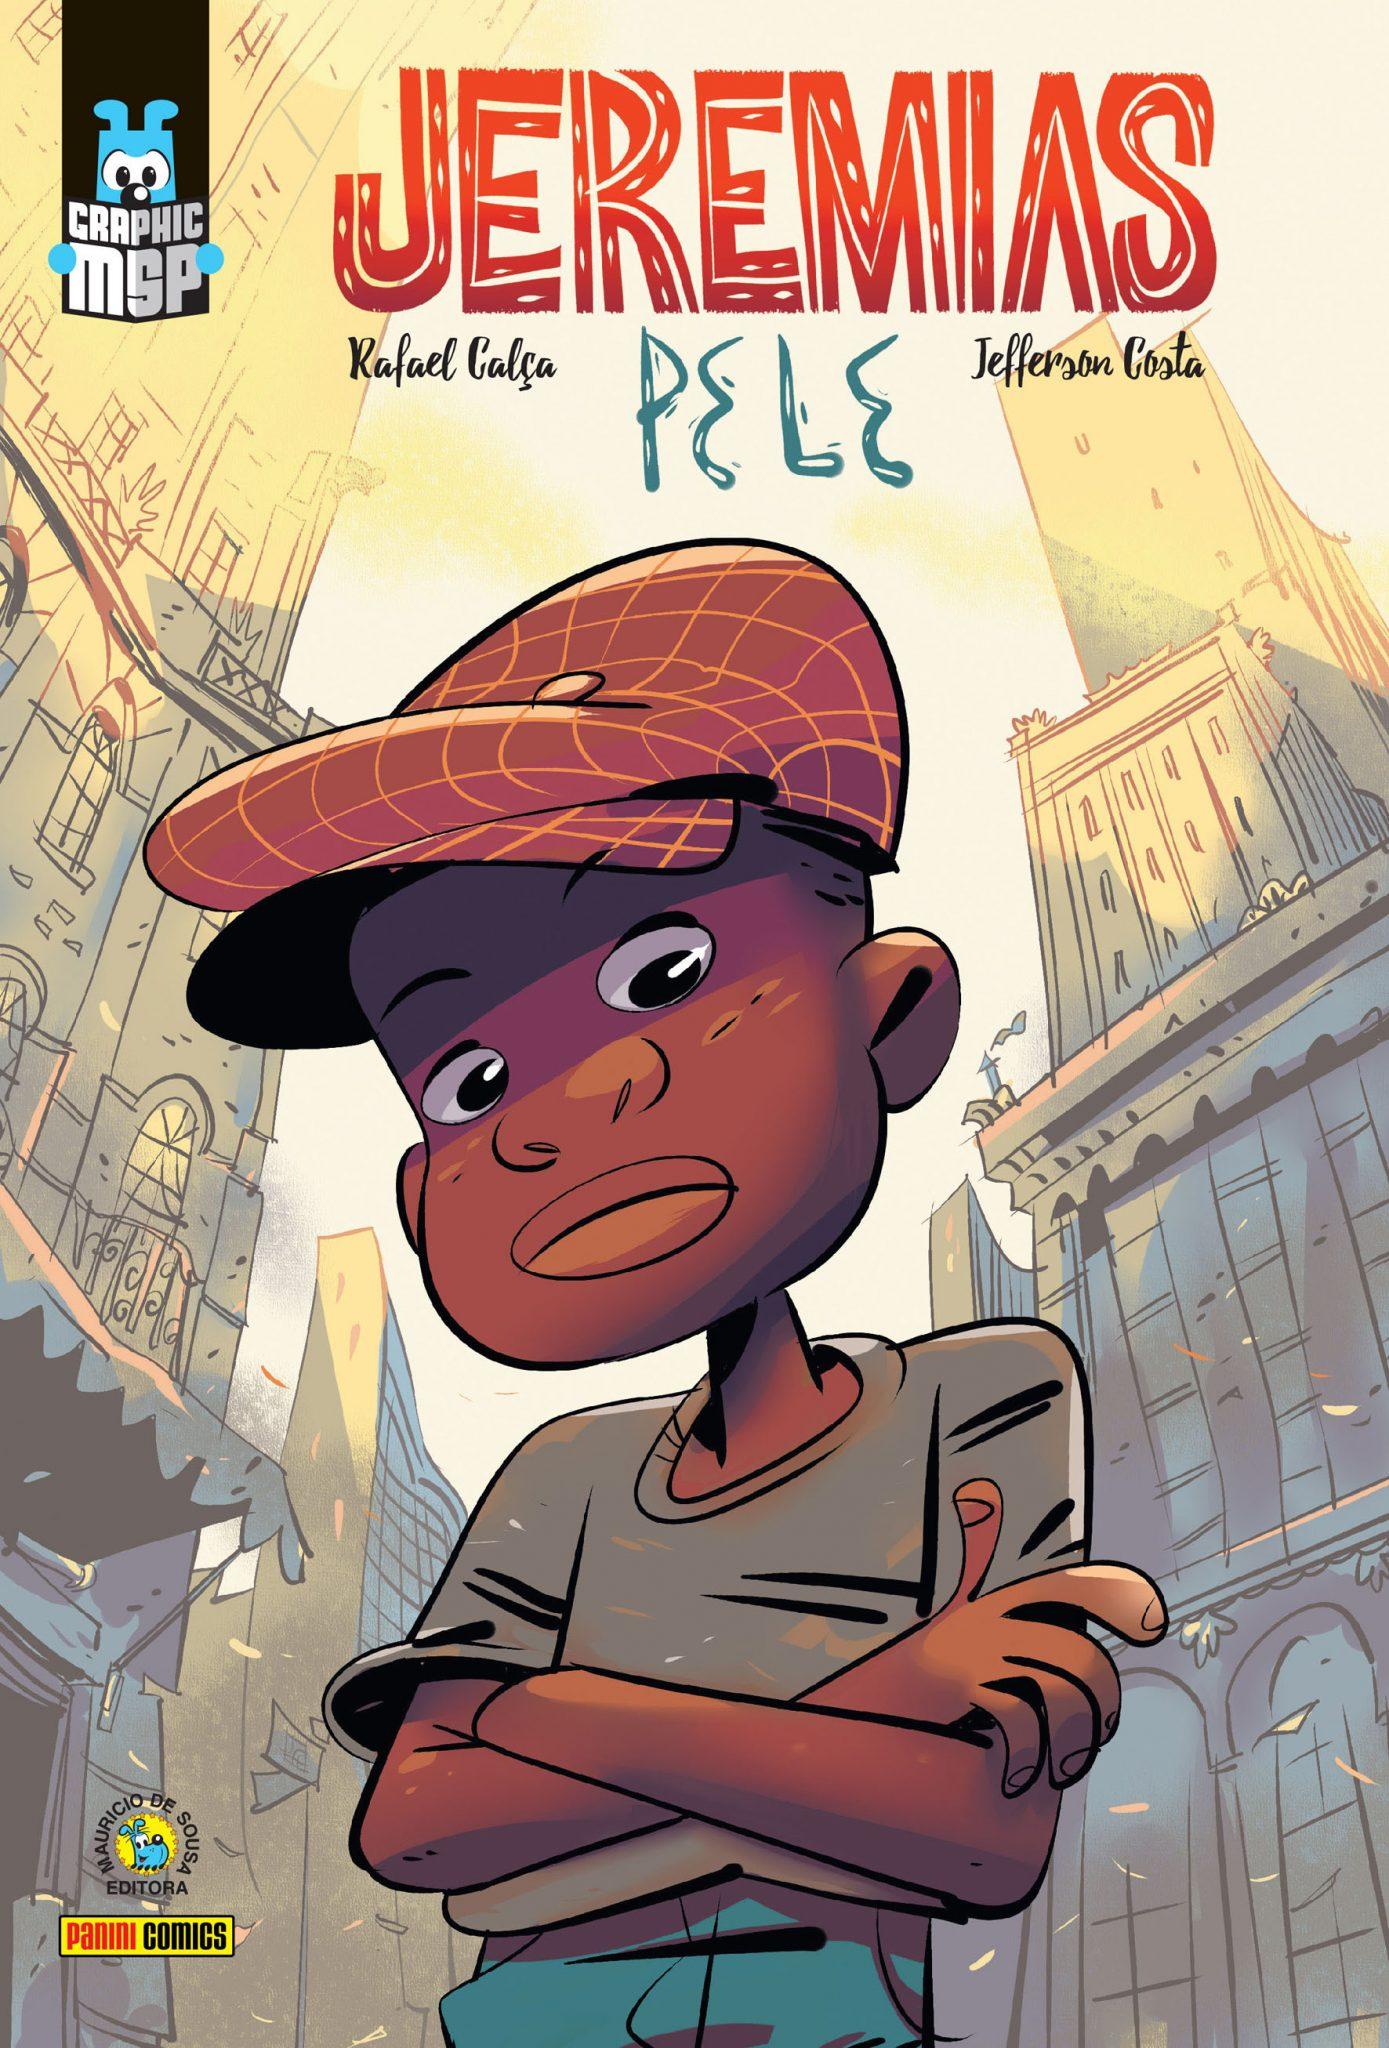 Jeremias - Pele ganha o Prêmio Jabuti 2019 na categoria Histórias em Quadrinhos 1